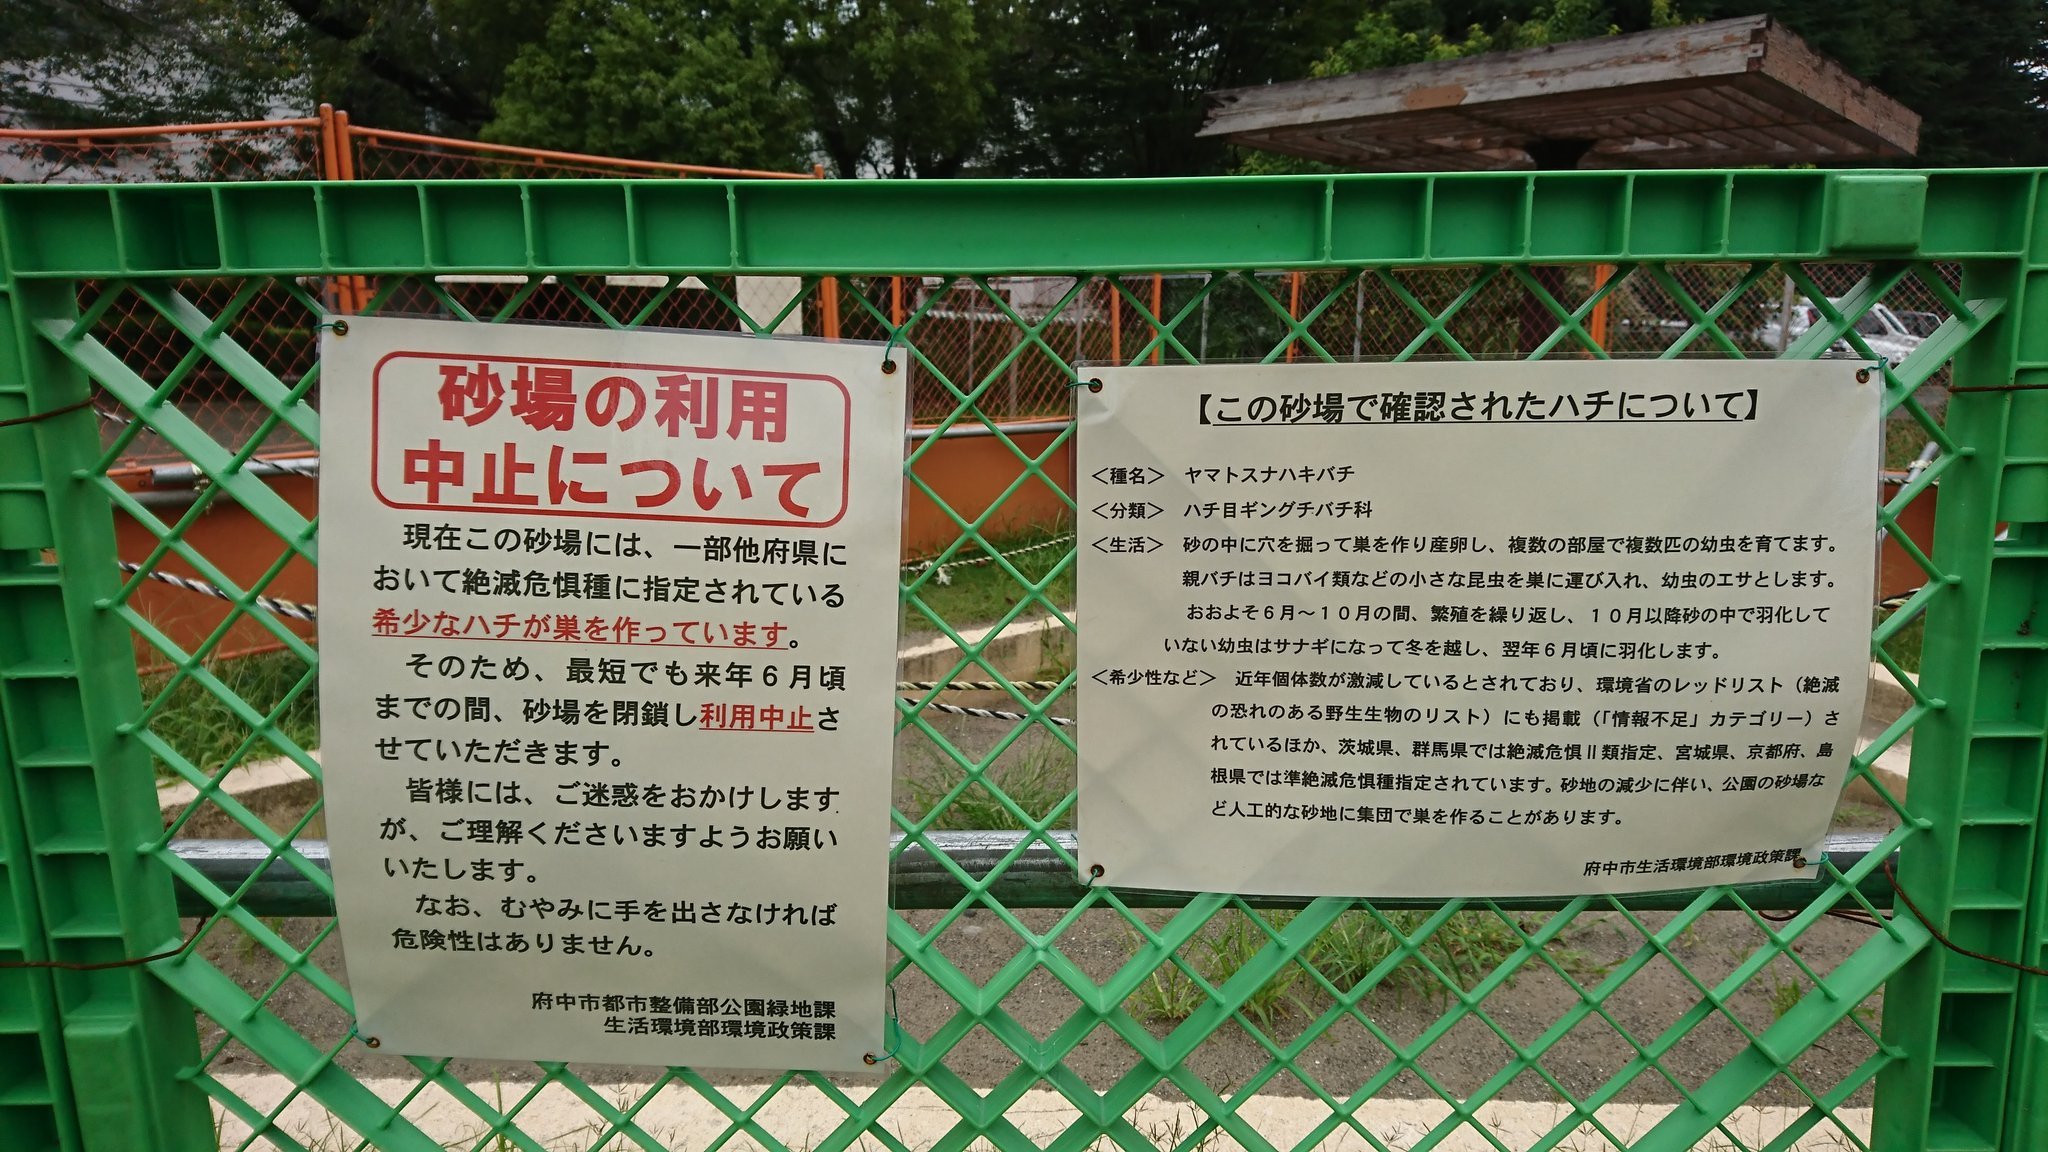 公園の砂場が使用禁止!まさかの理由に納得。